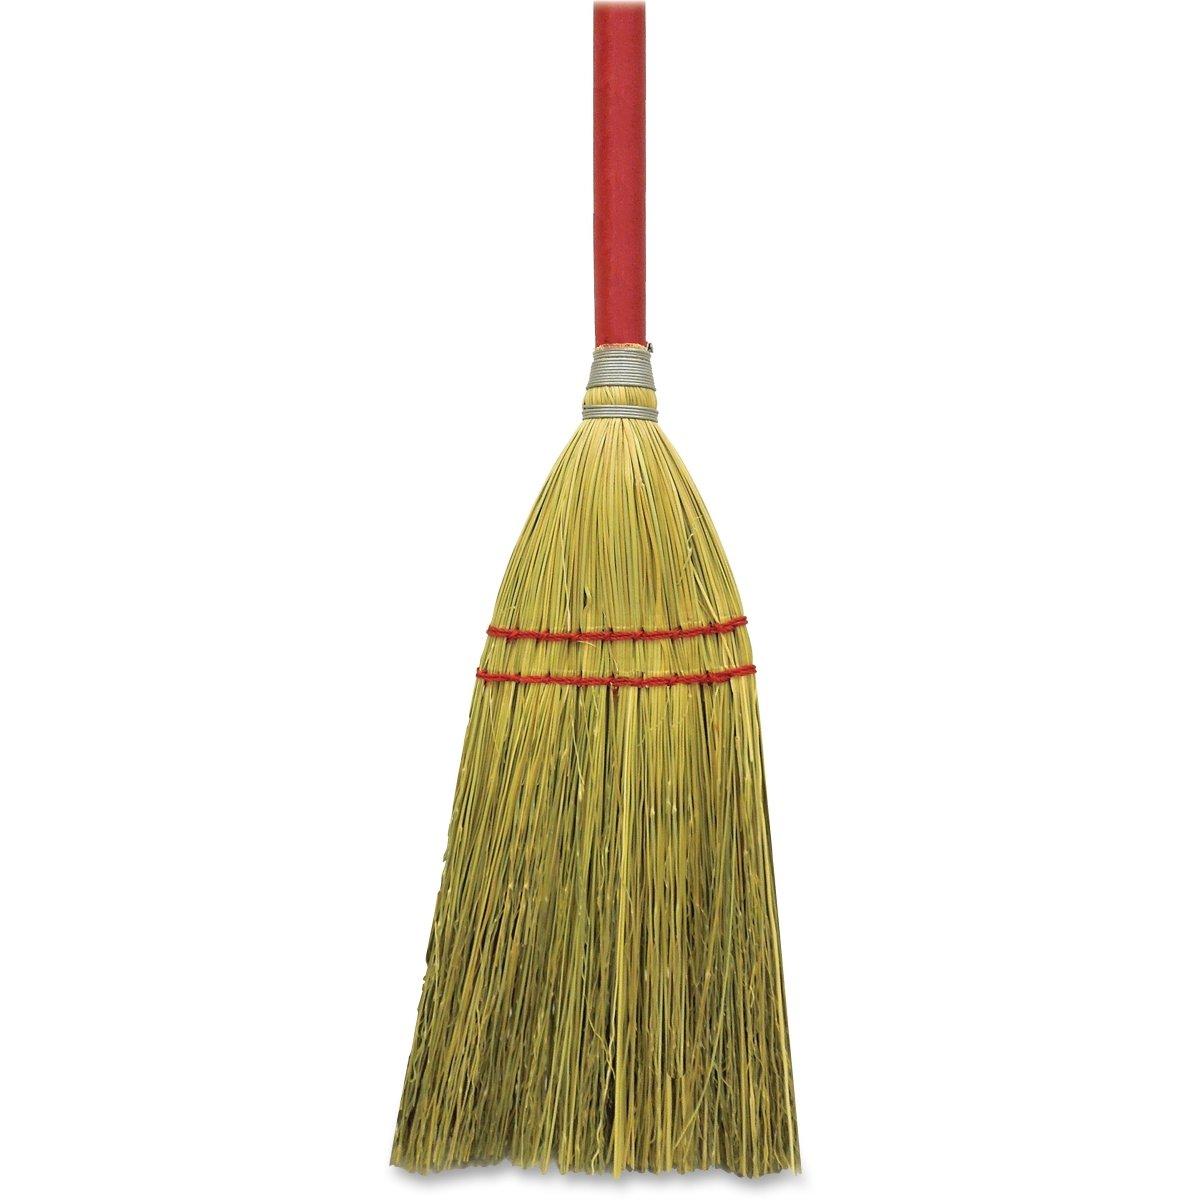 Genuine Joe GJO11501CT Toy Corn Fiber Broom, 12Ea/Ct, Natural (Pack of 12)